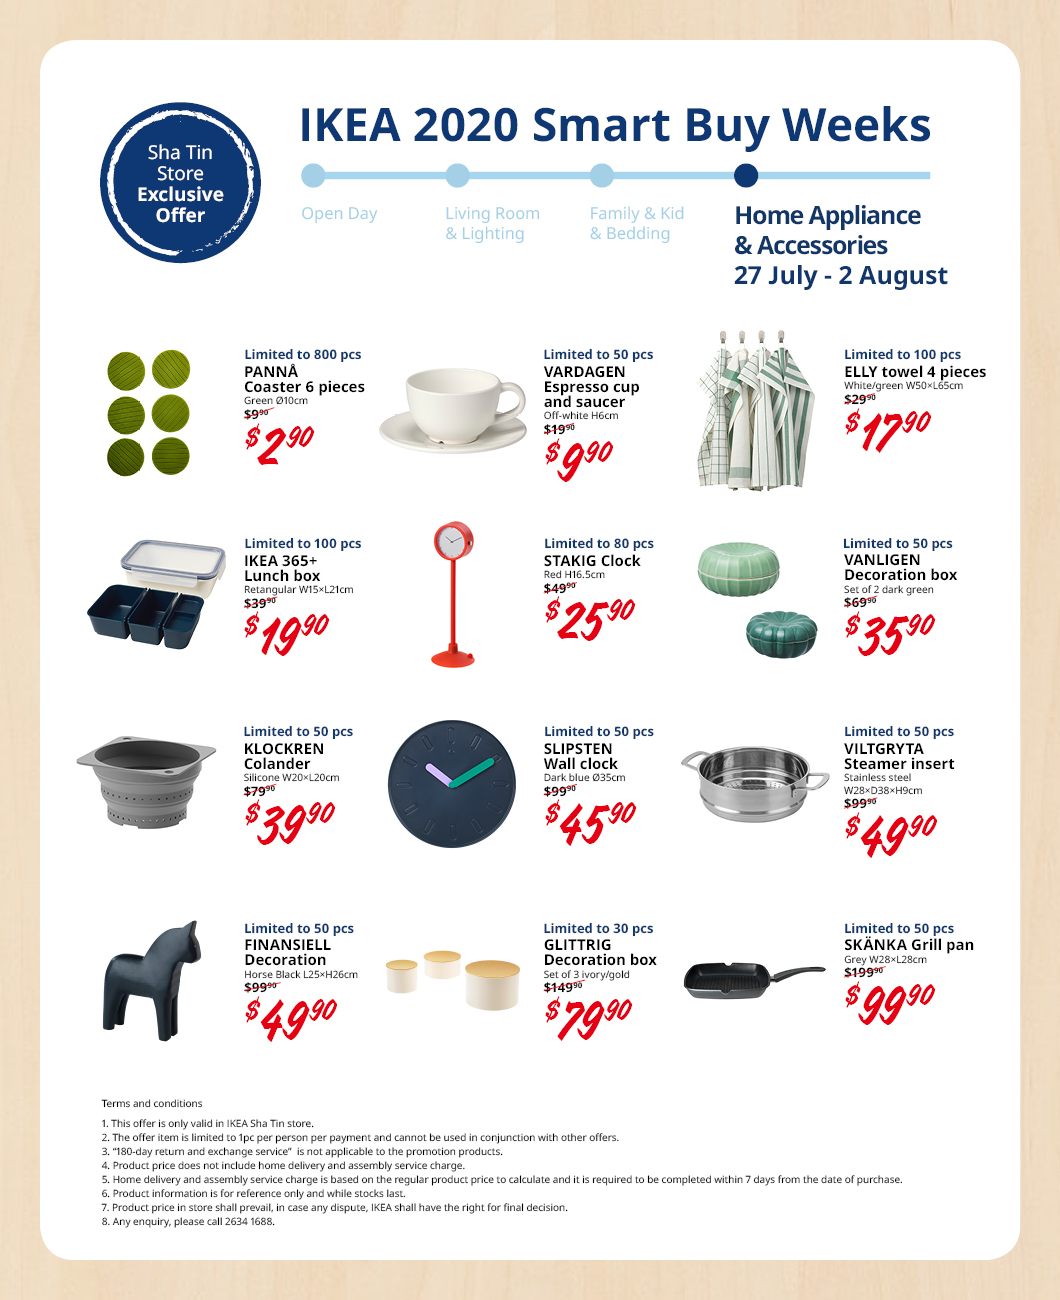 ikea-shatin-smart-buy-weeks-0727